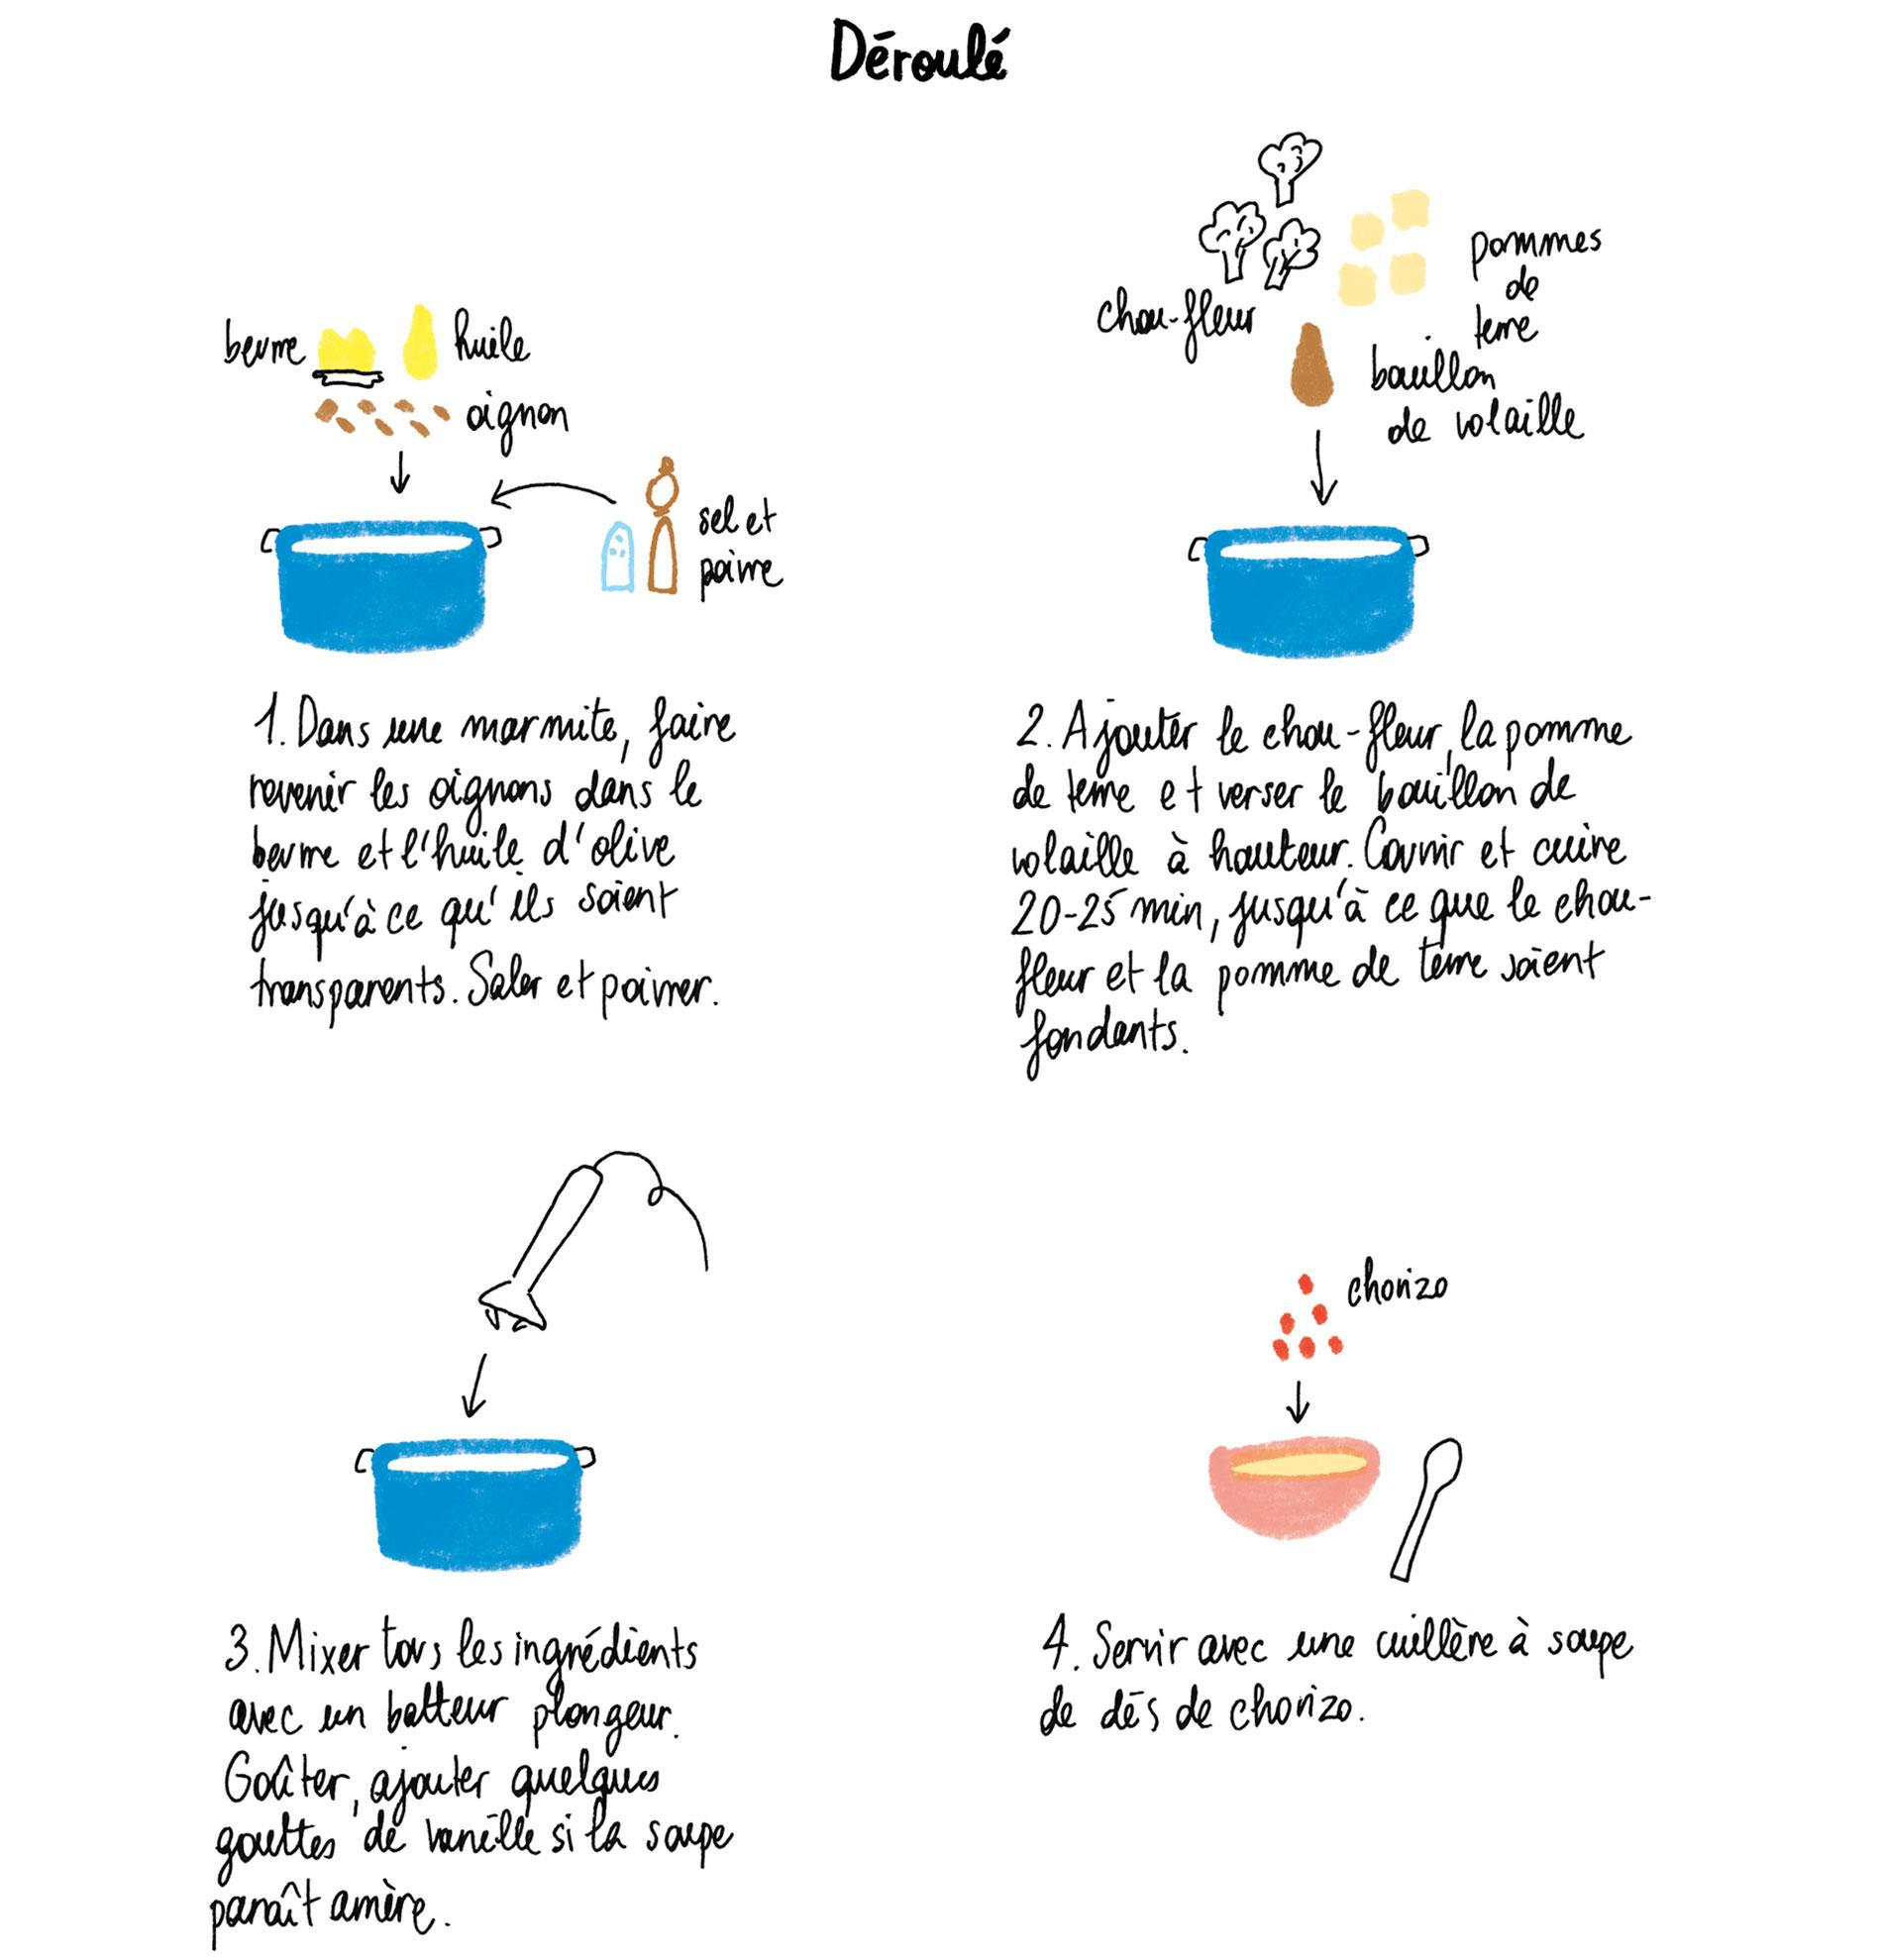 soupe de chou-fleur, soupe chou fleur, recette